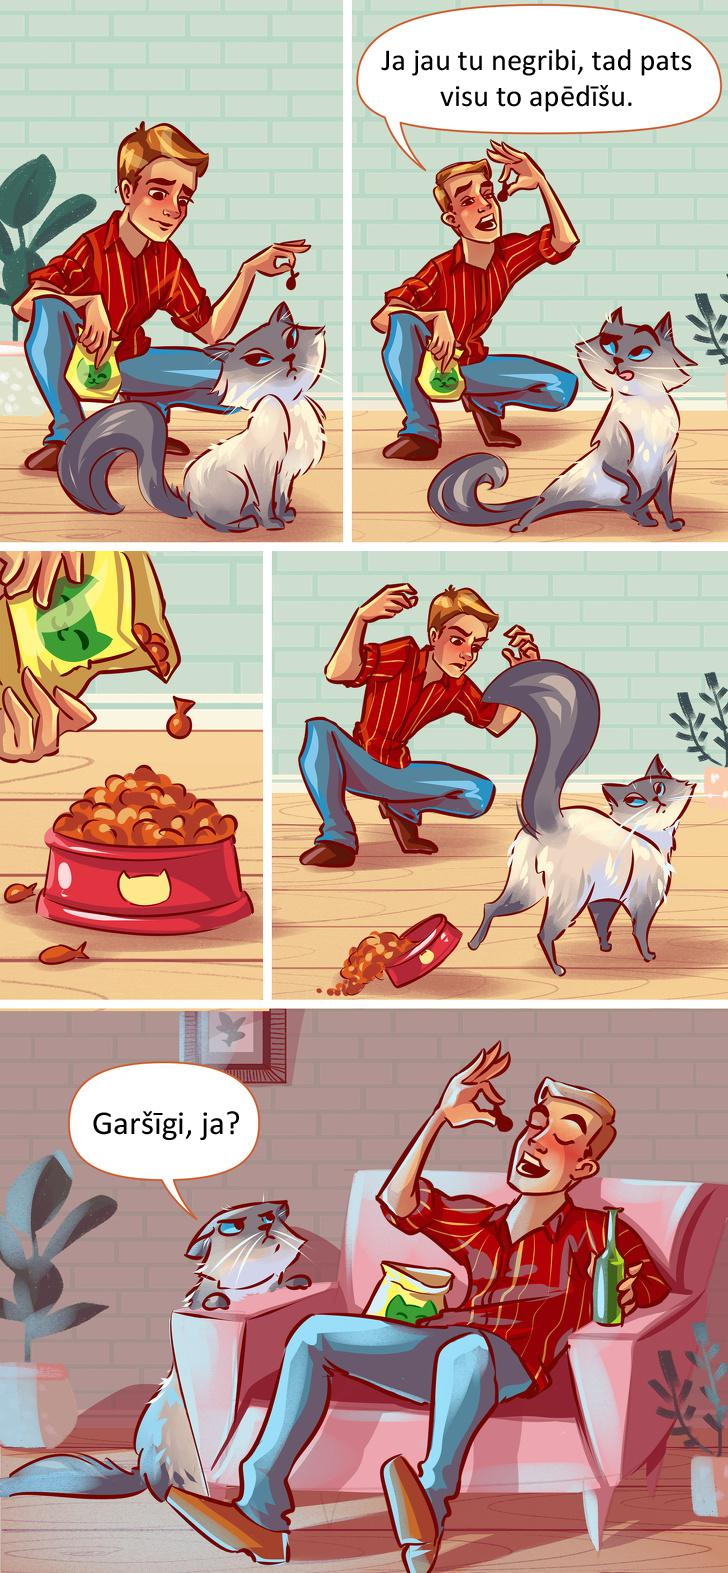 Kaķis ne vienmēr gribēs ēst... Autors: matilde 10 tipiskas situācijas, kurās sevi var atpazīt KATRS kaķa saimnieks